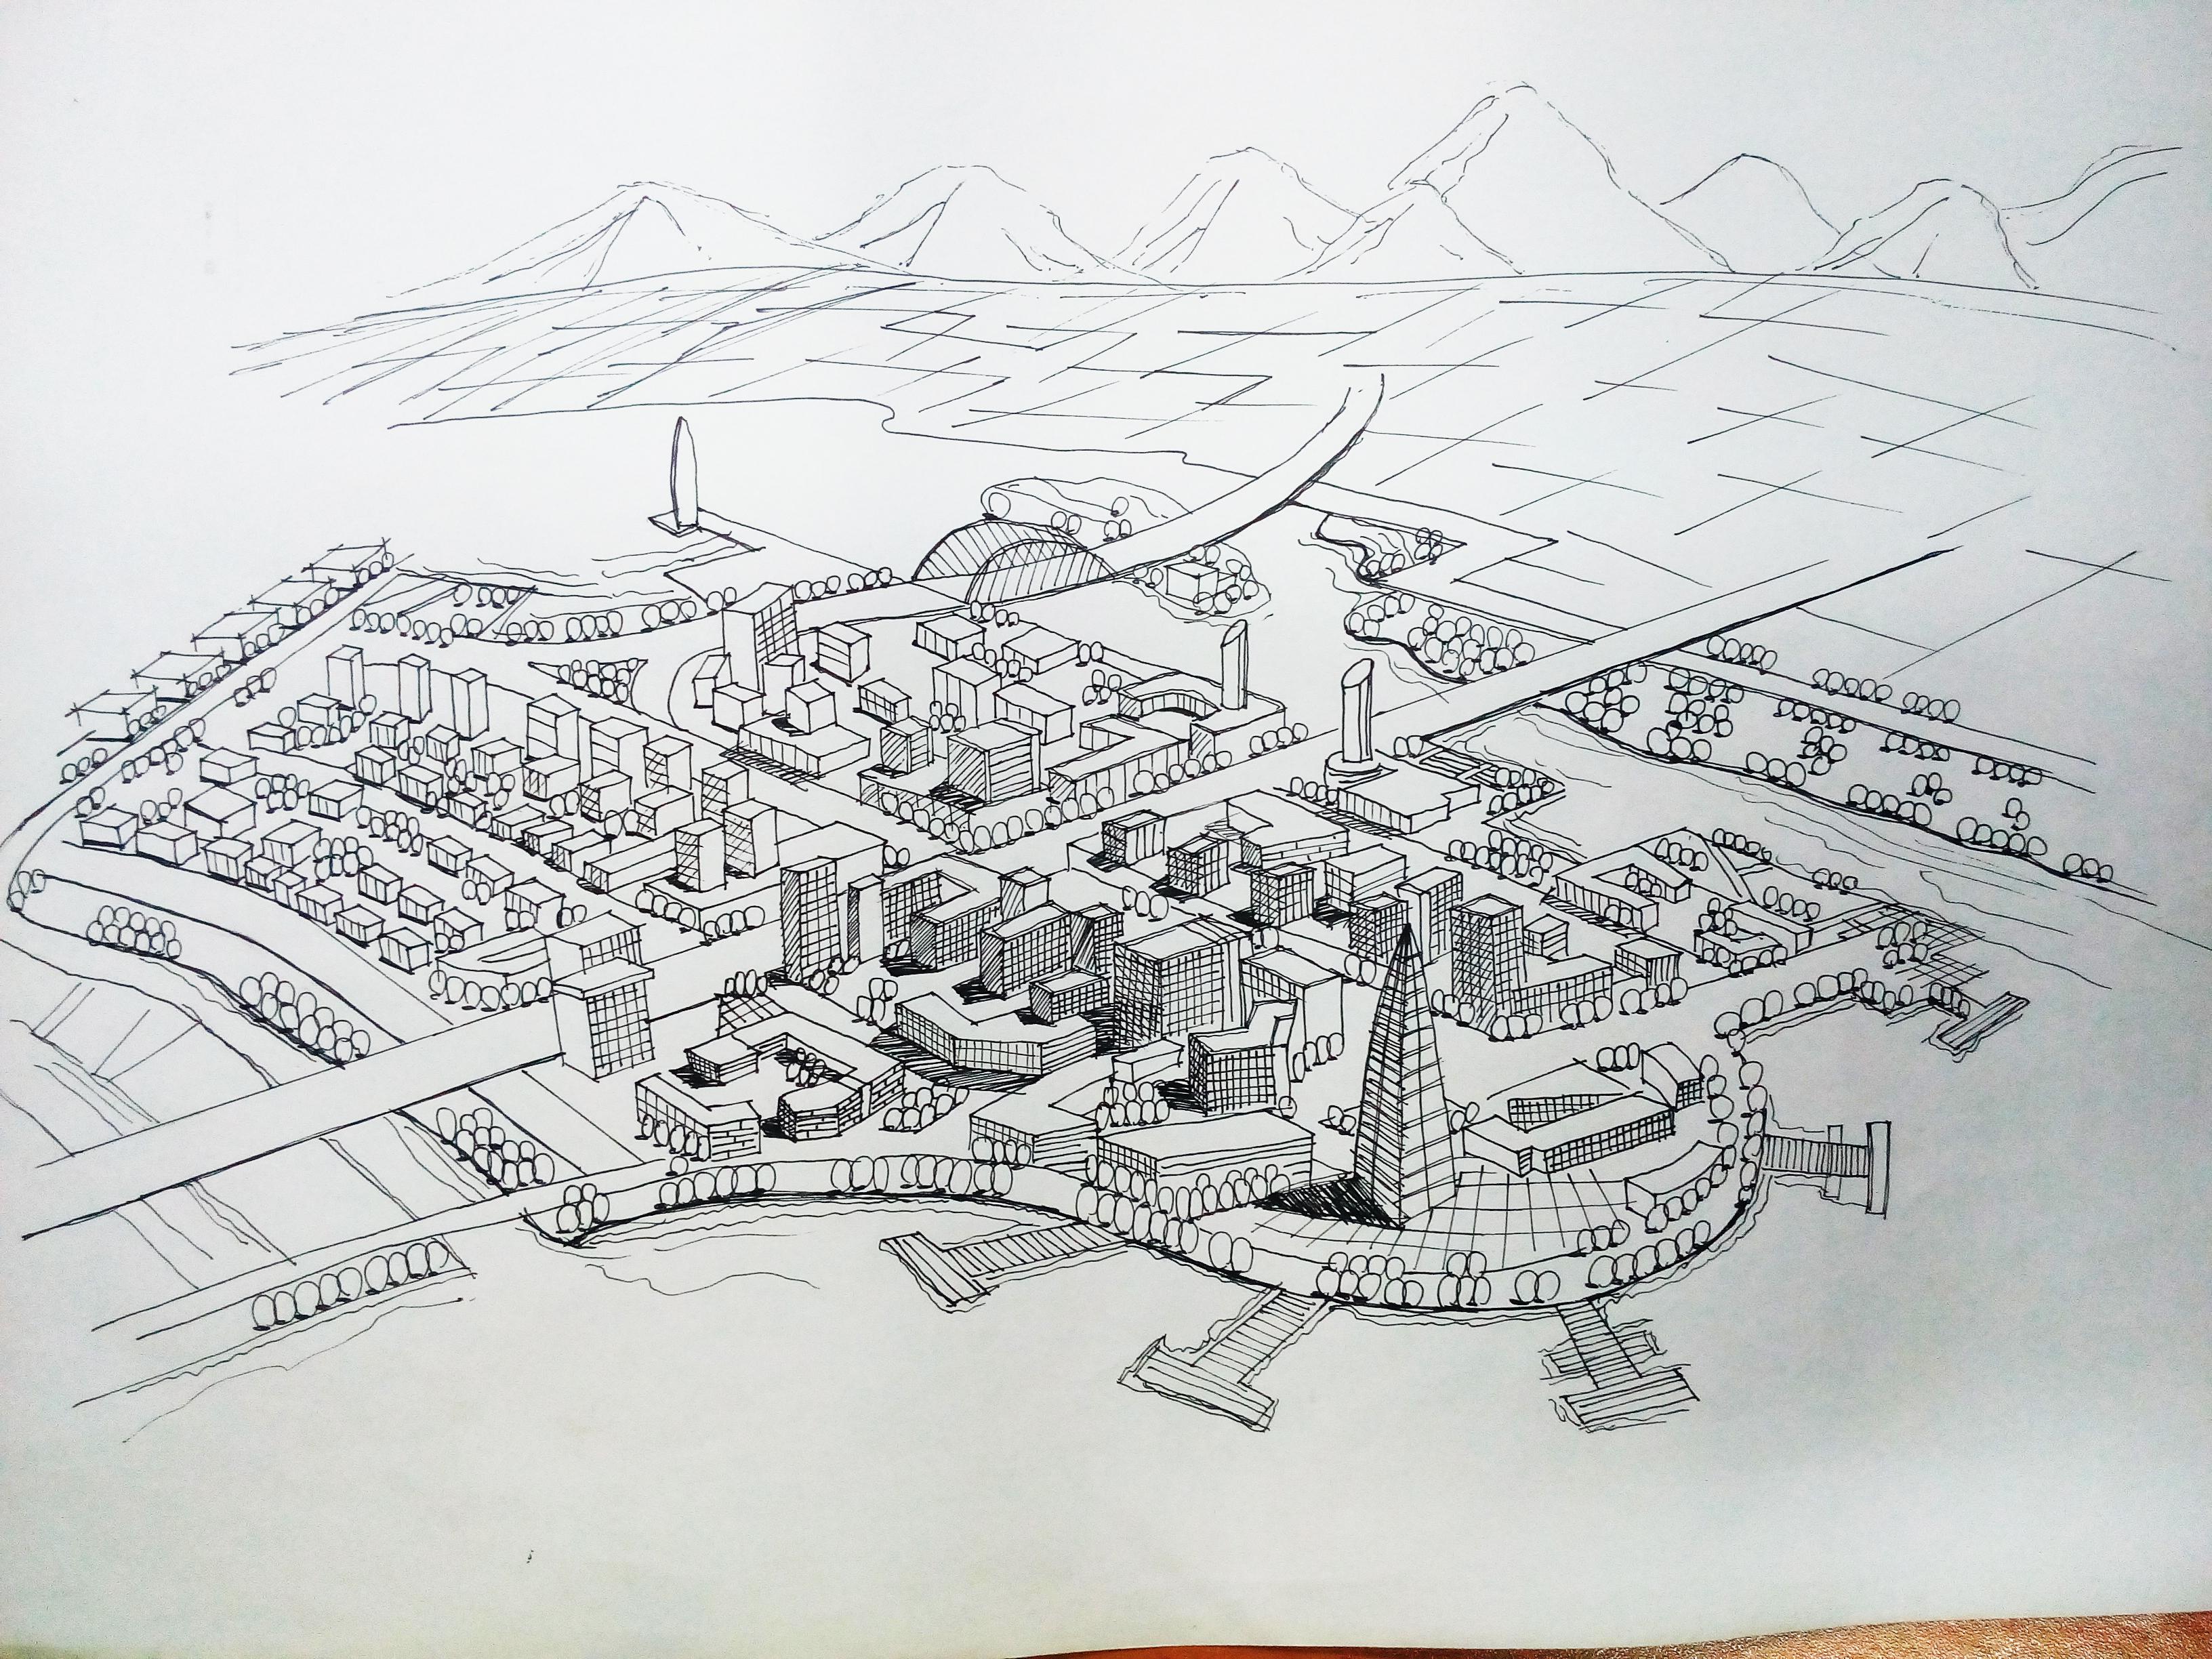 规划类的手绘图东西比较多,建筑在整张图中